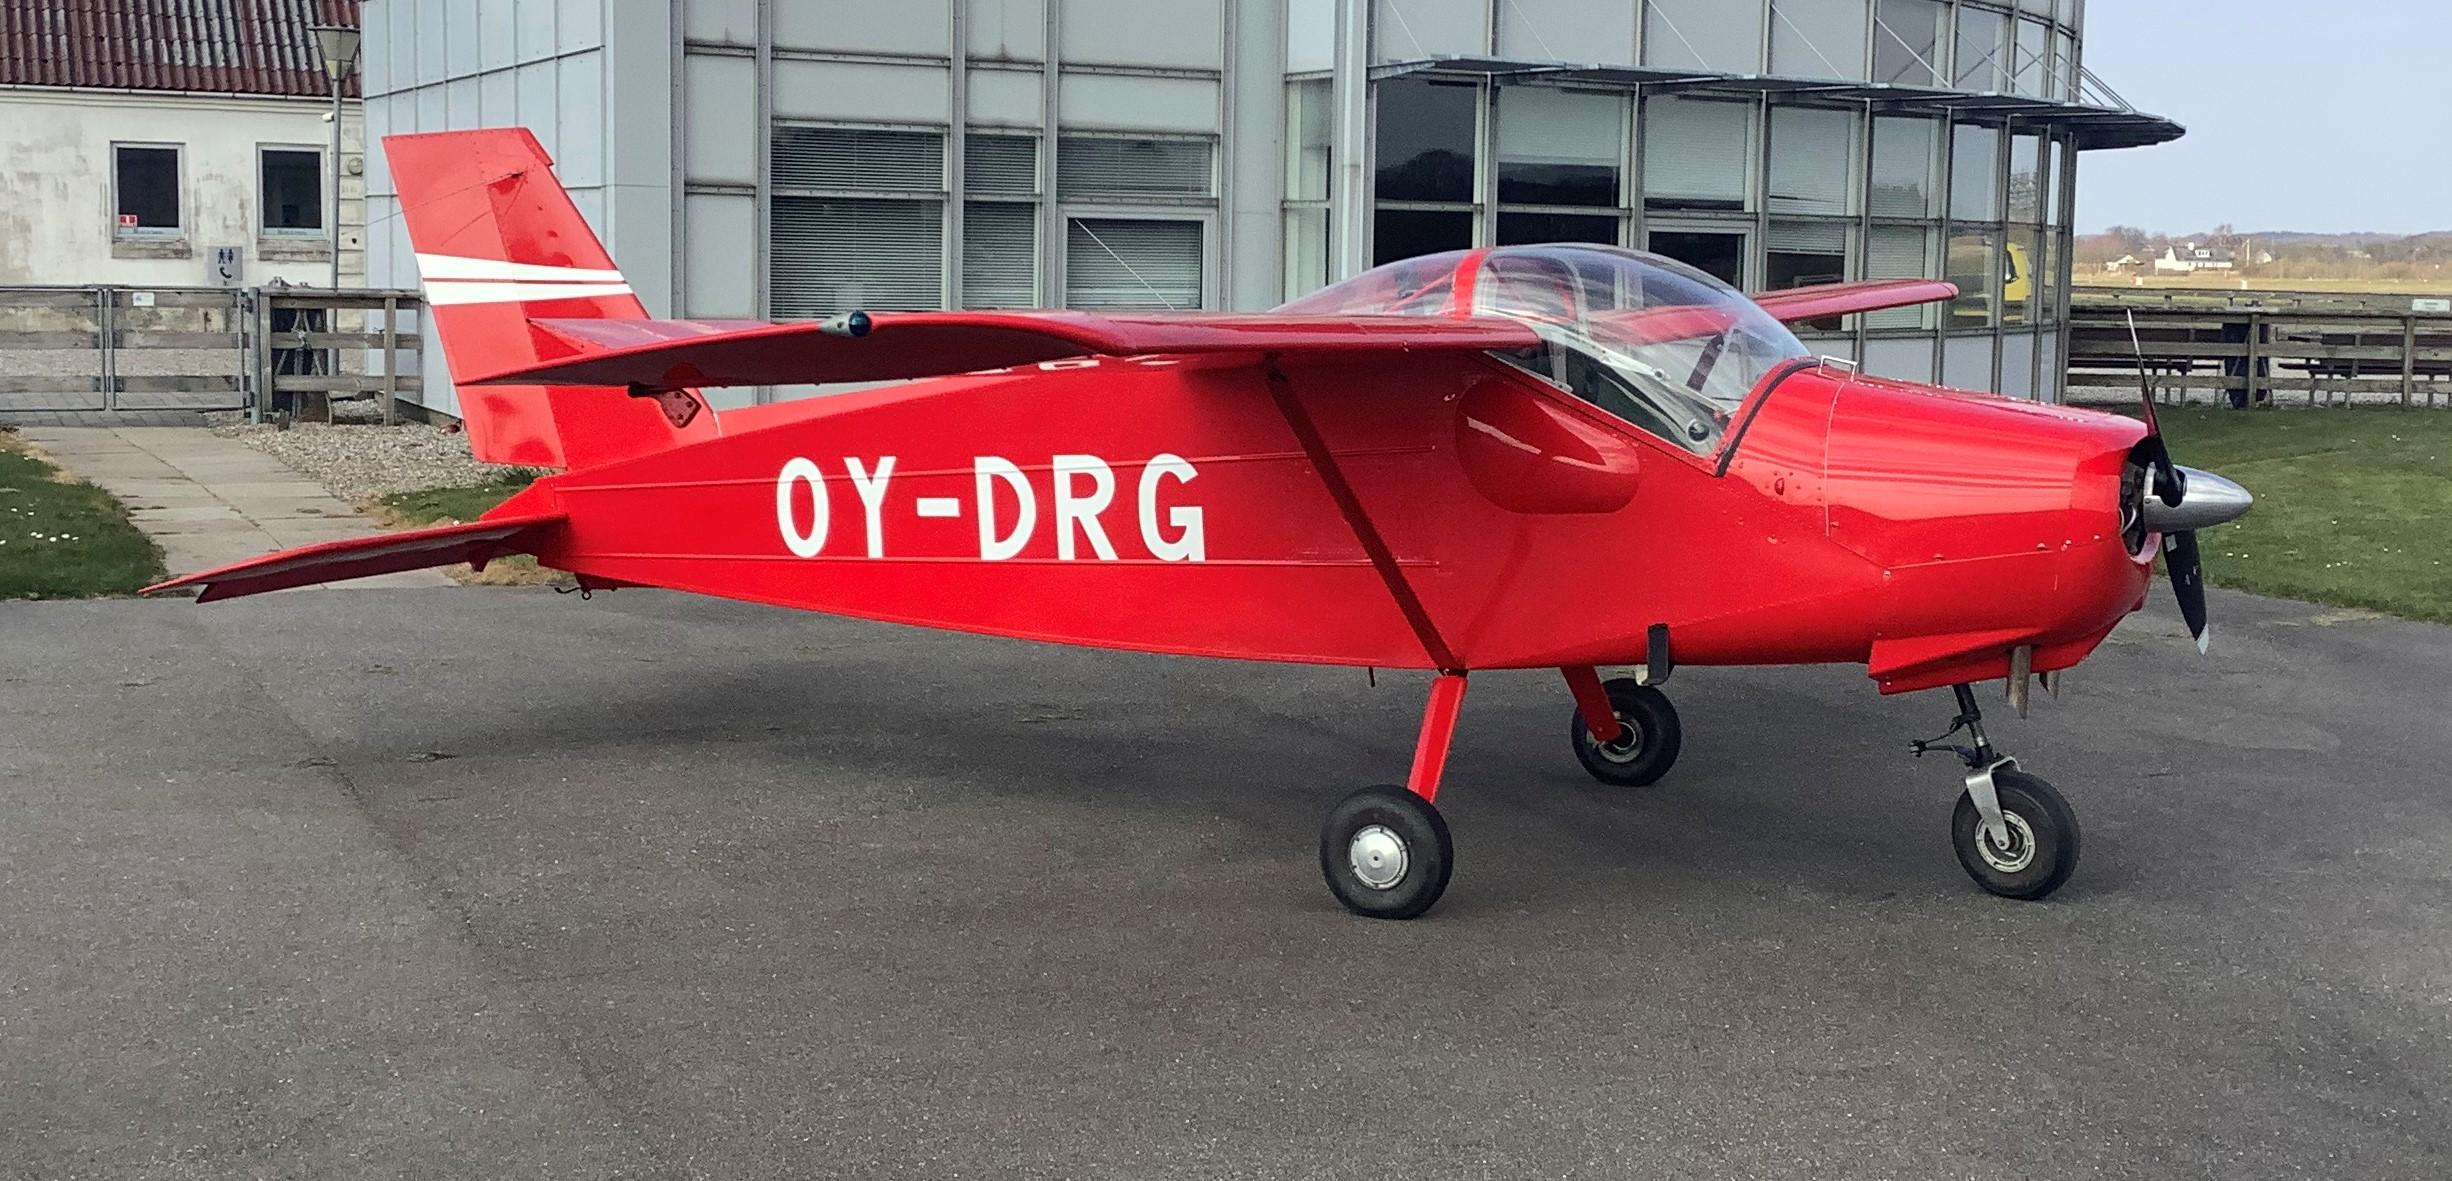 OY-DRG Vamdrup 080420 rev